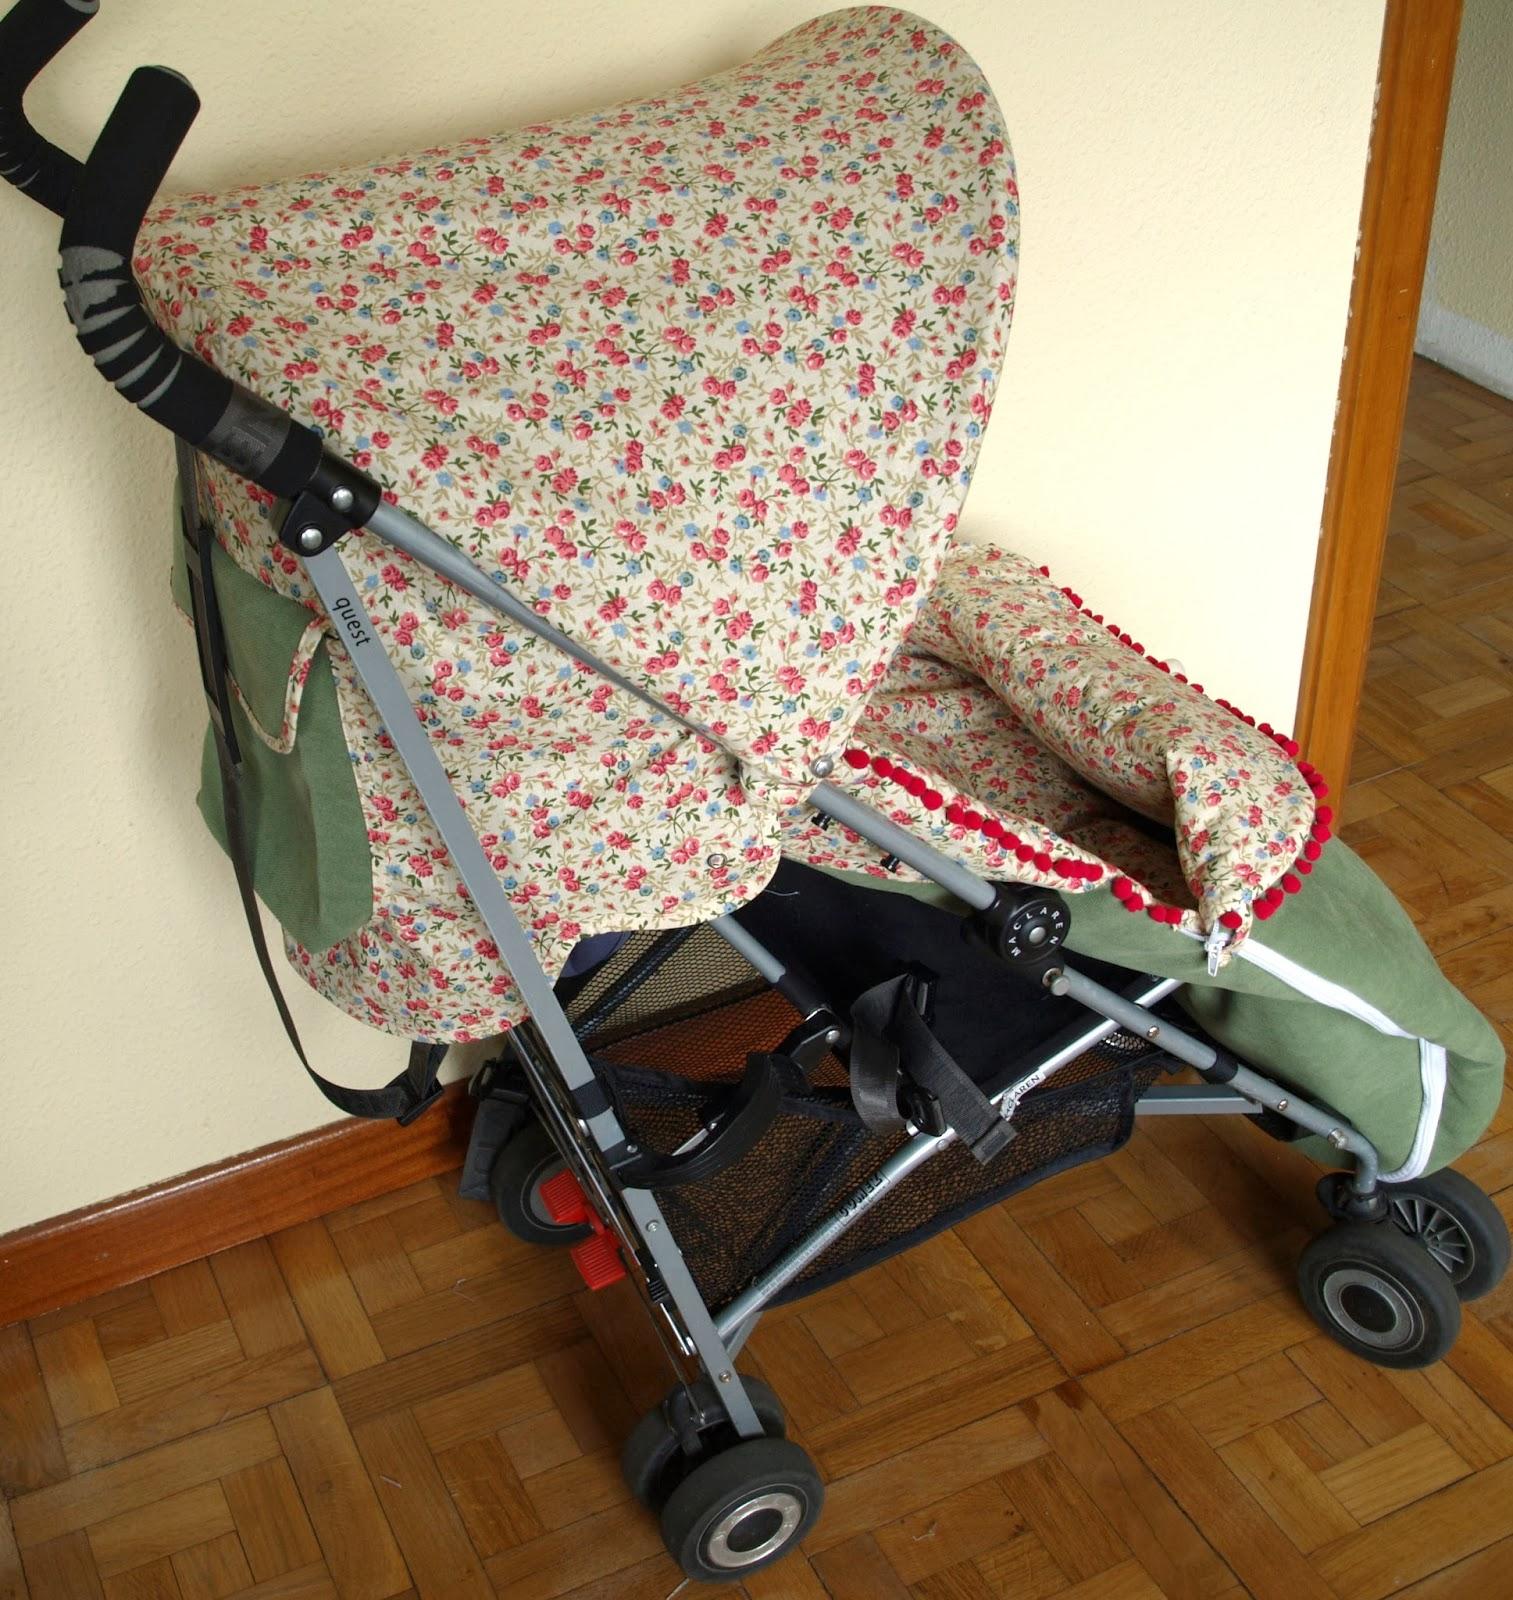 Babymandarina sacos y complementos originales para beb s saco y capota a medida para silla - Sacos para silla maclaren ...